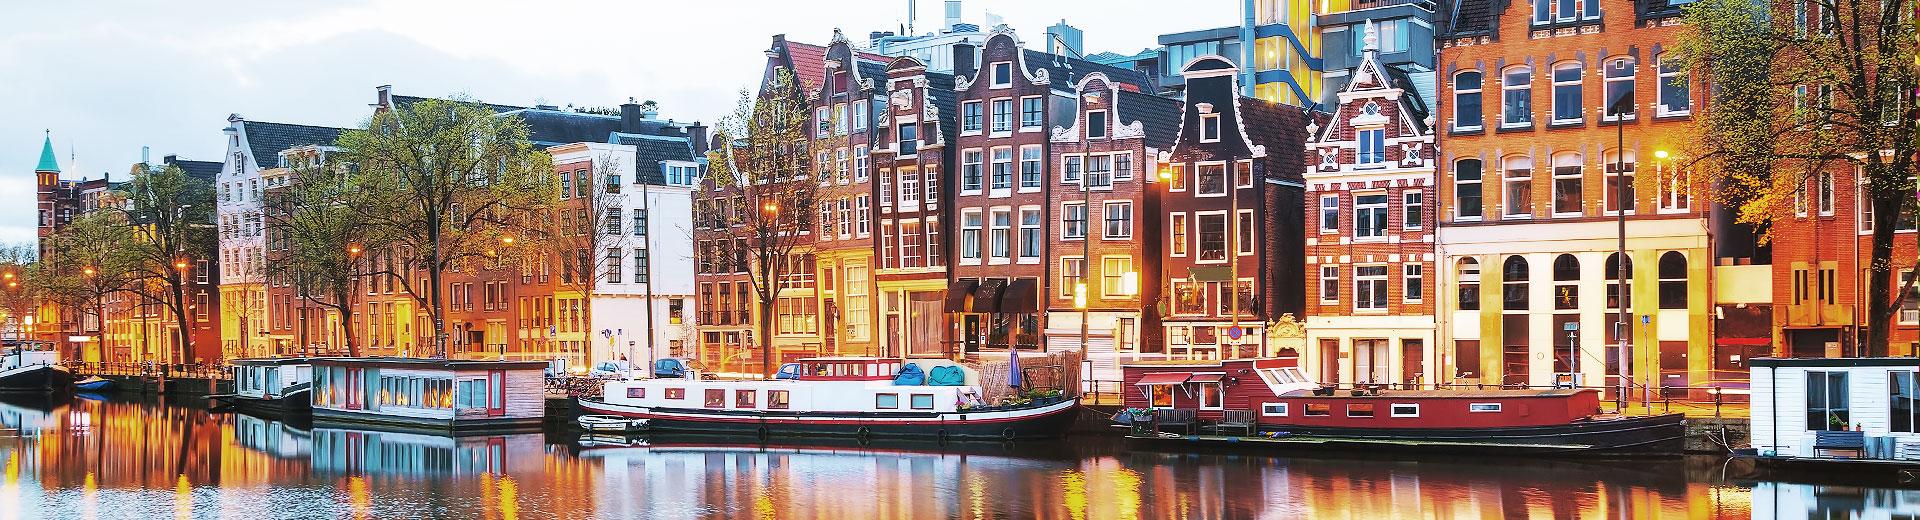 Gruppenreise Amsterdam - Package Gruppen Classic Flug